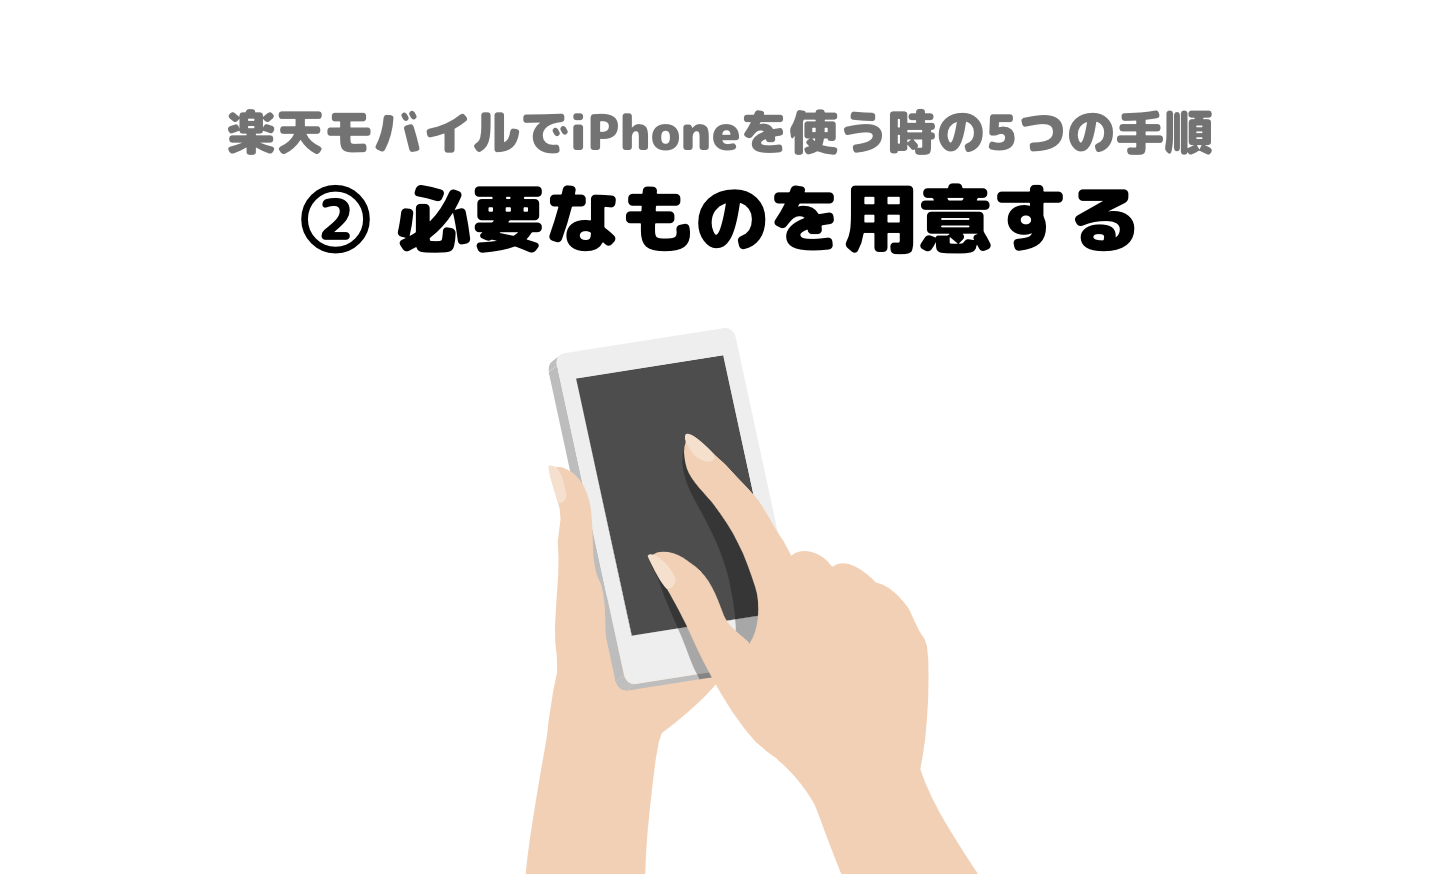 楽天モバイル_iphone_iPhone_iPad_申し込み方法_必要なもの